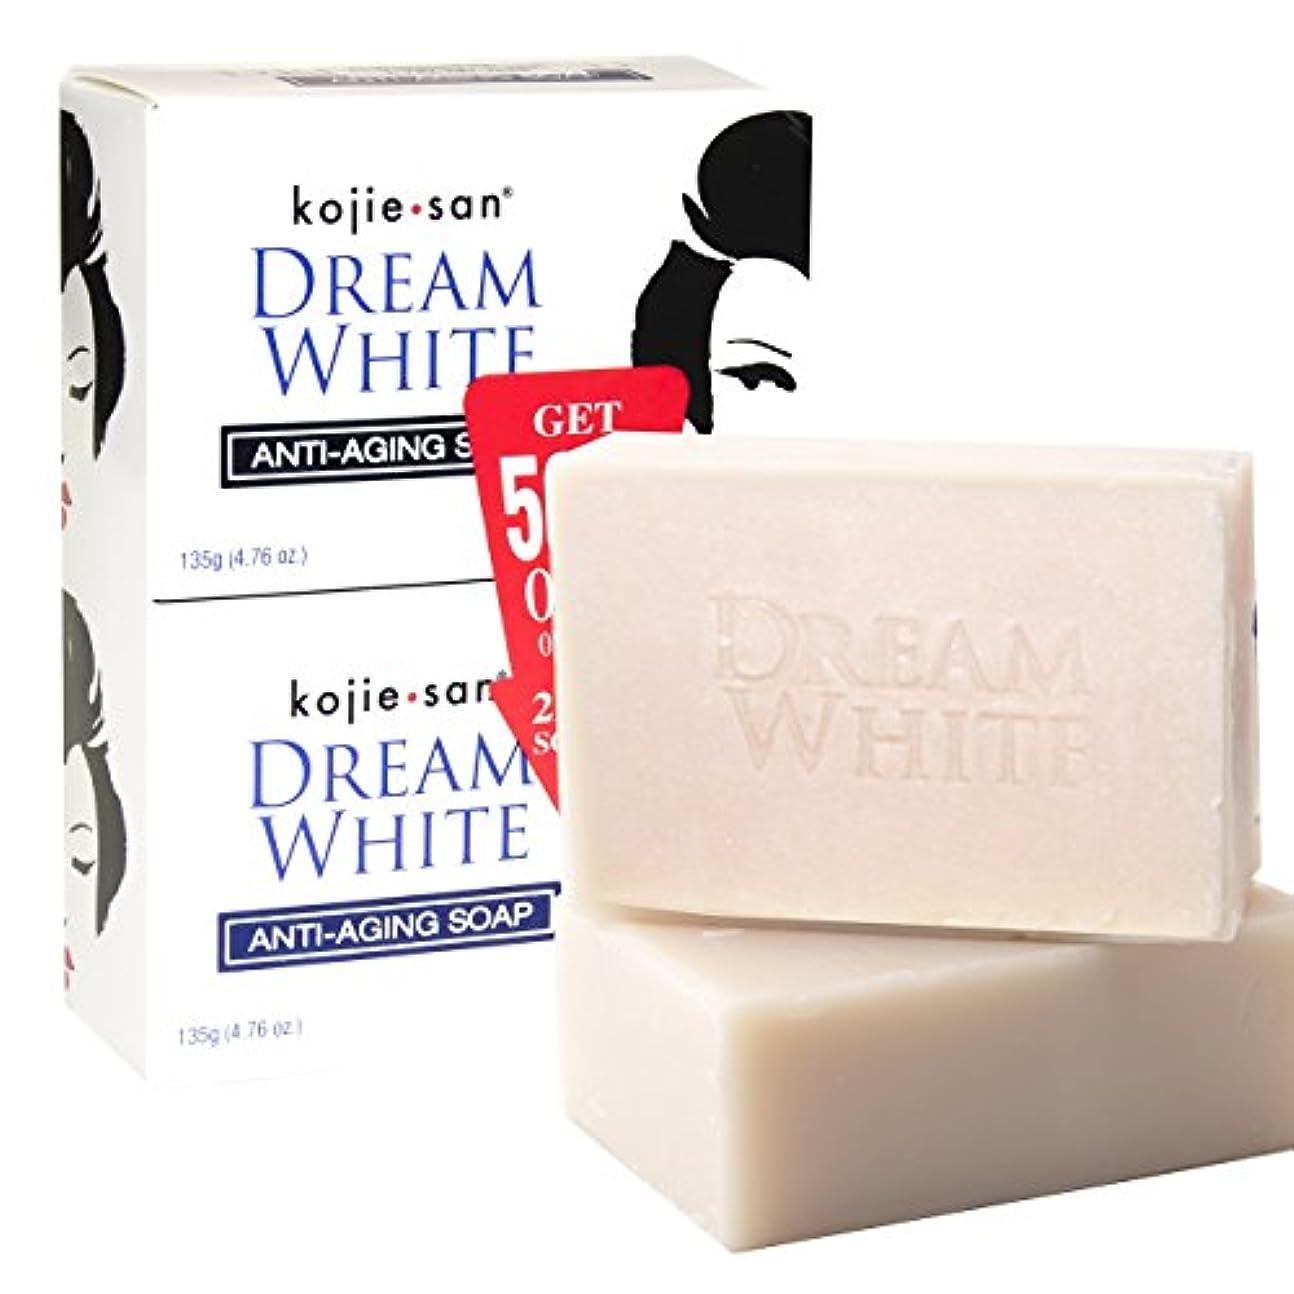 怒っている普及定説kojie san DREAM WHITE Soap 135g × 2個 ホワイトニングソープ